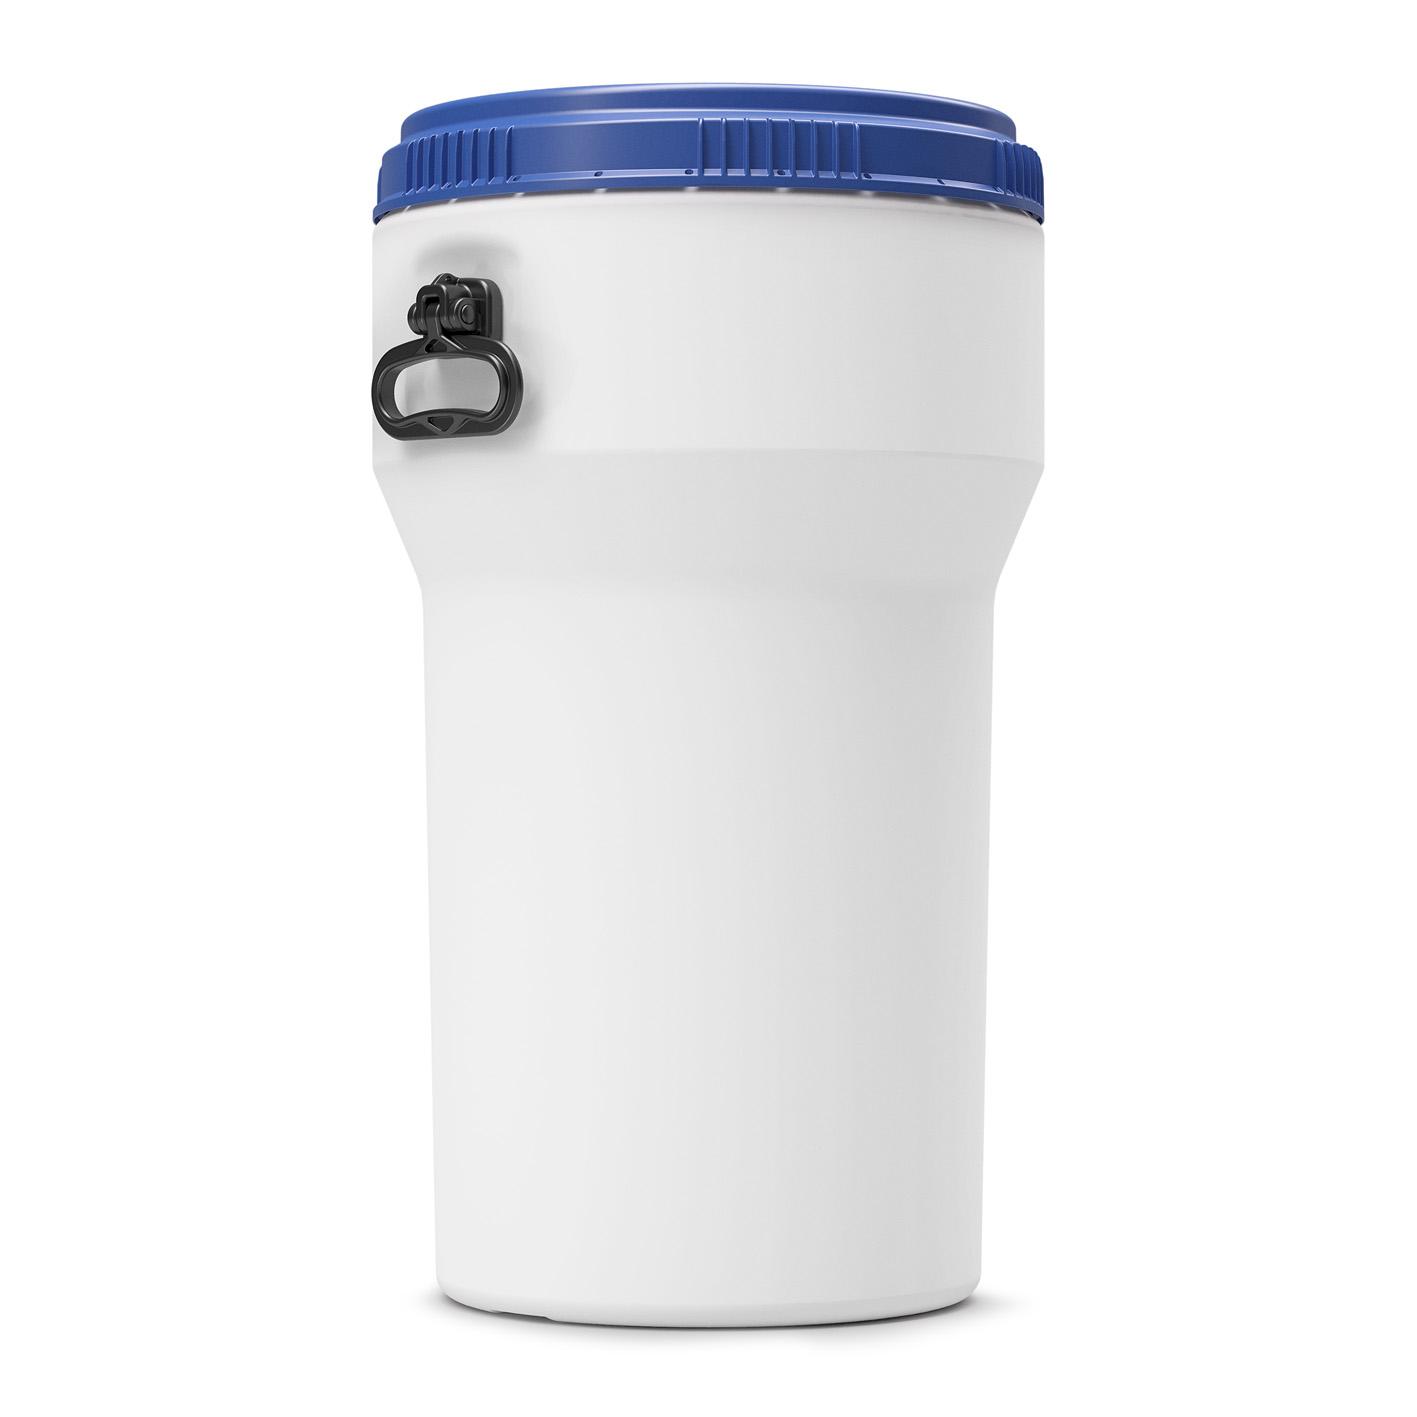 50 liter Nestable drum